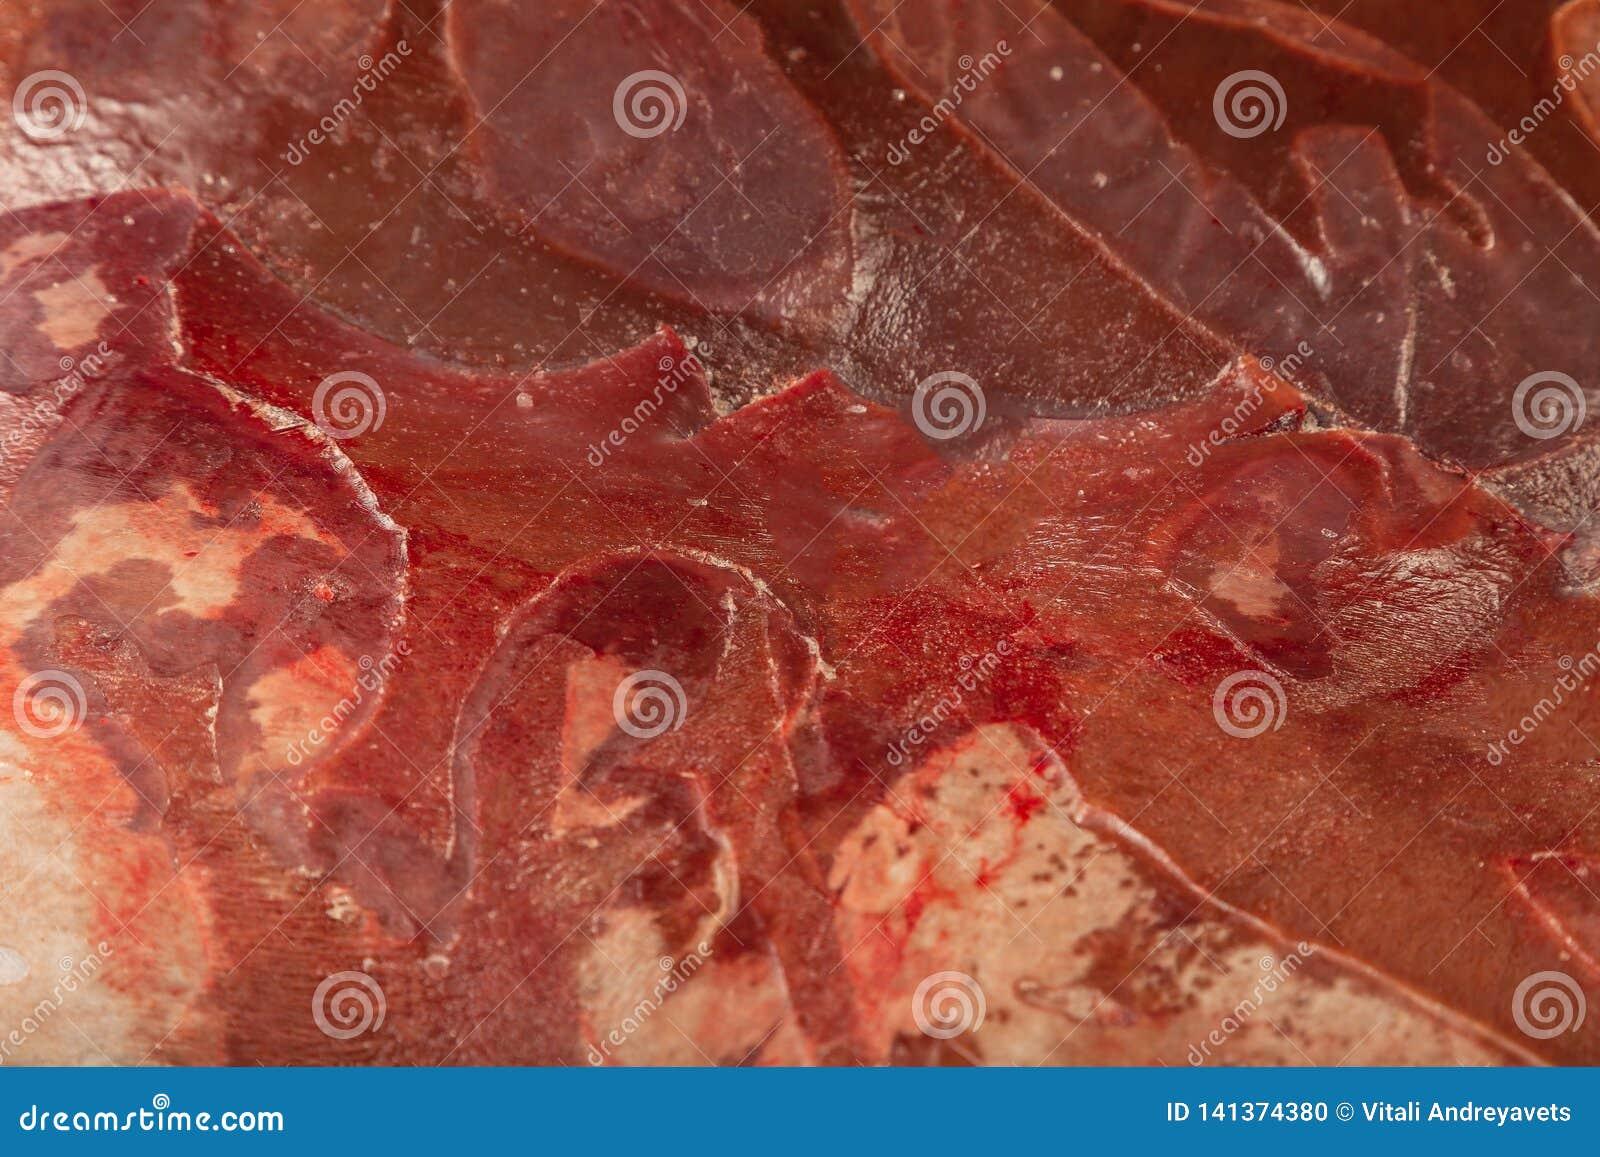 Fryst ny nötköttlever i kvarter, textur av djupfryst lever